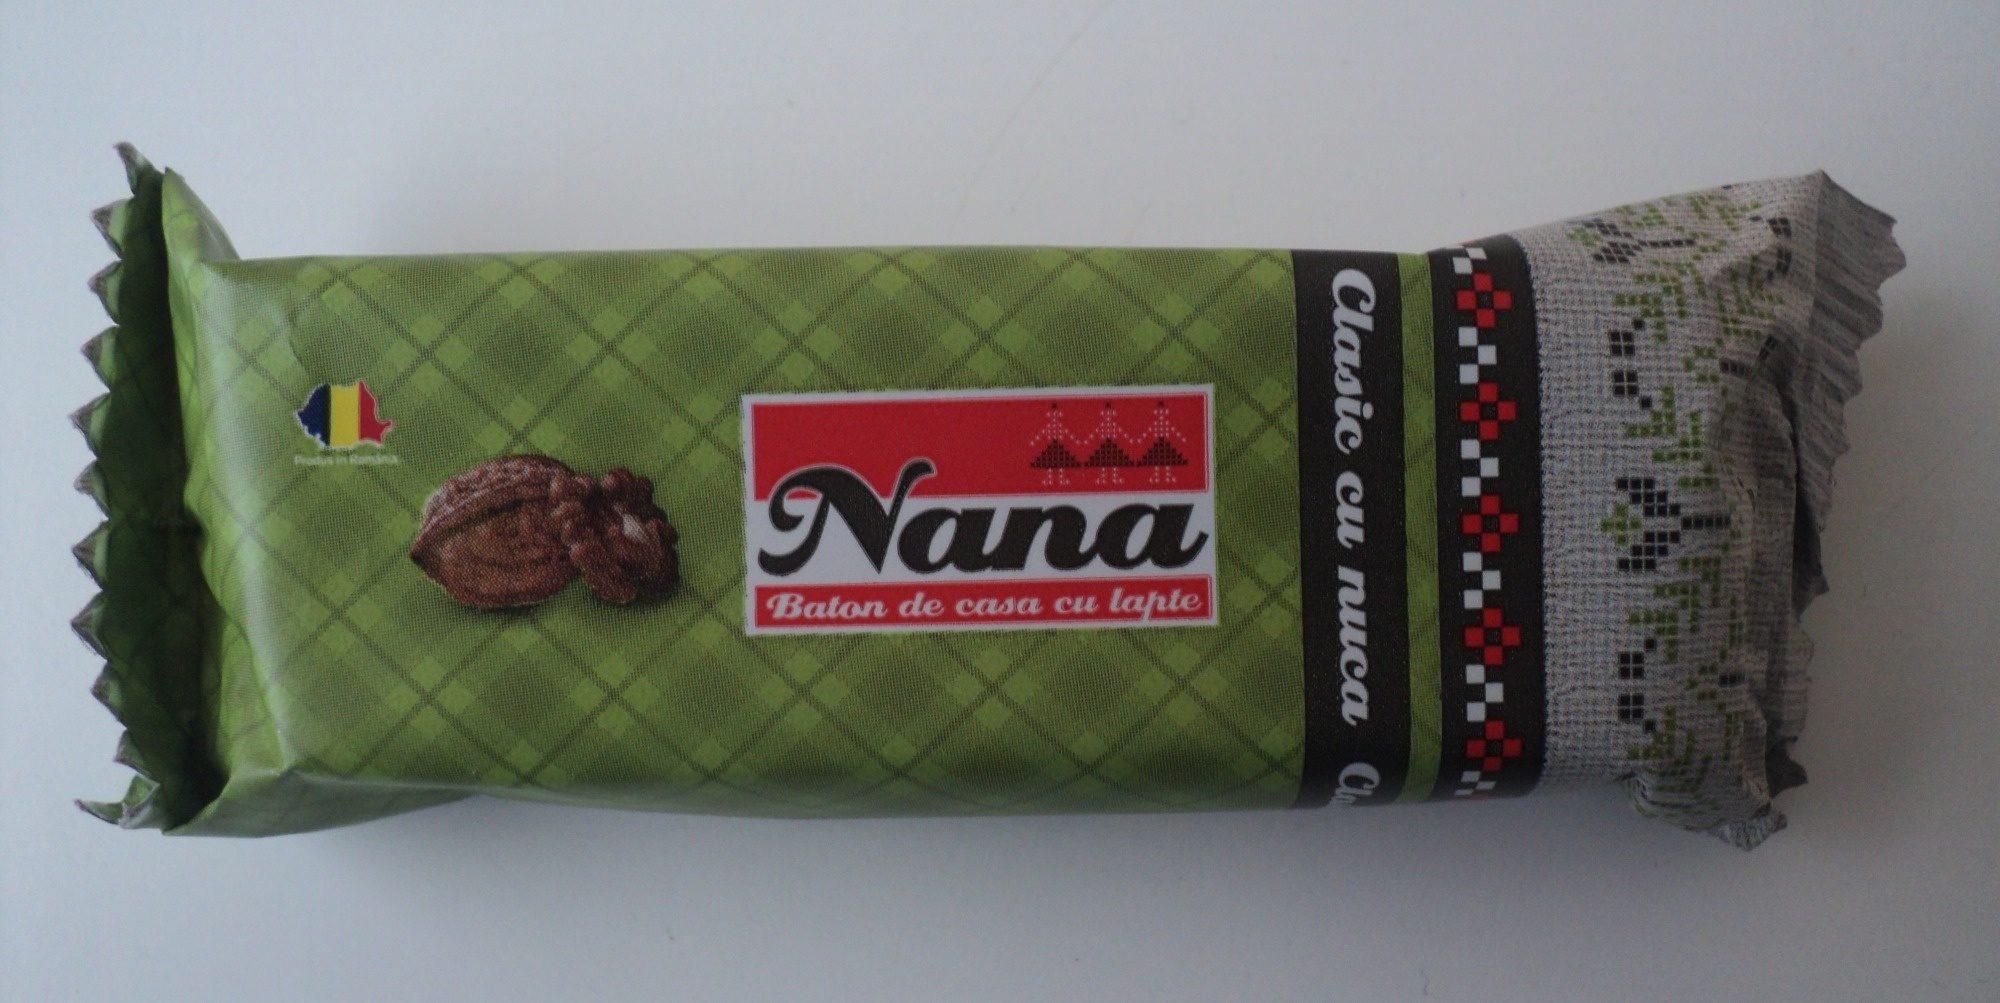 Nana Baton de casa cu lapte si bucati de nuca - Produit